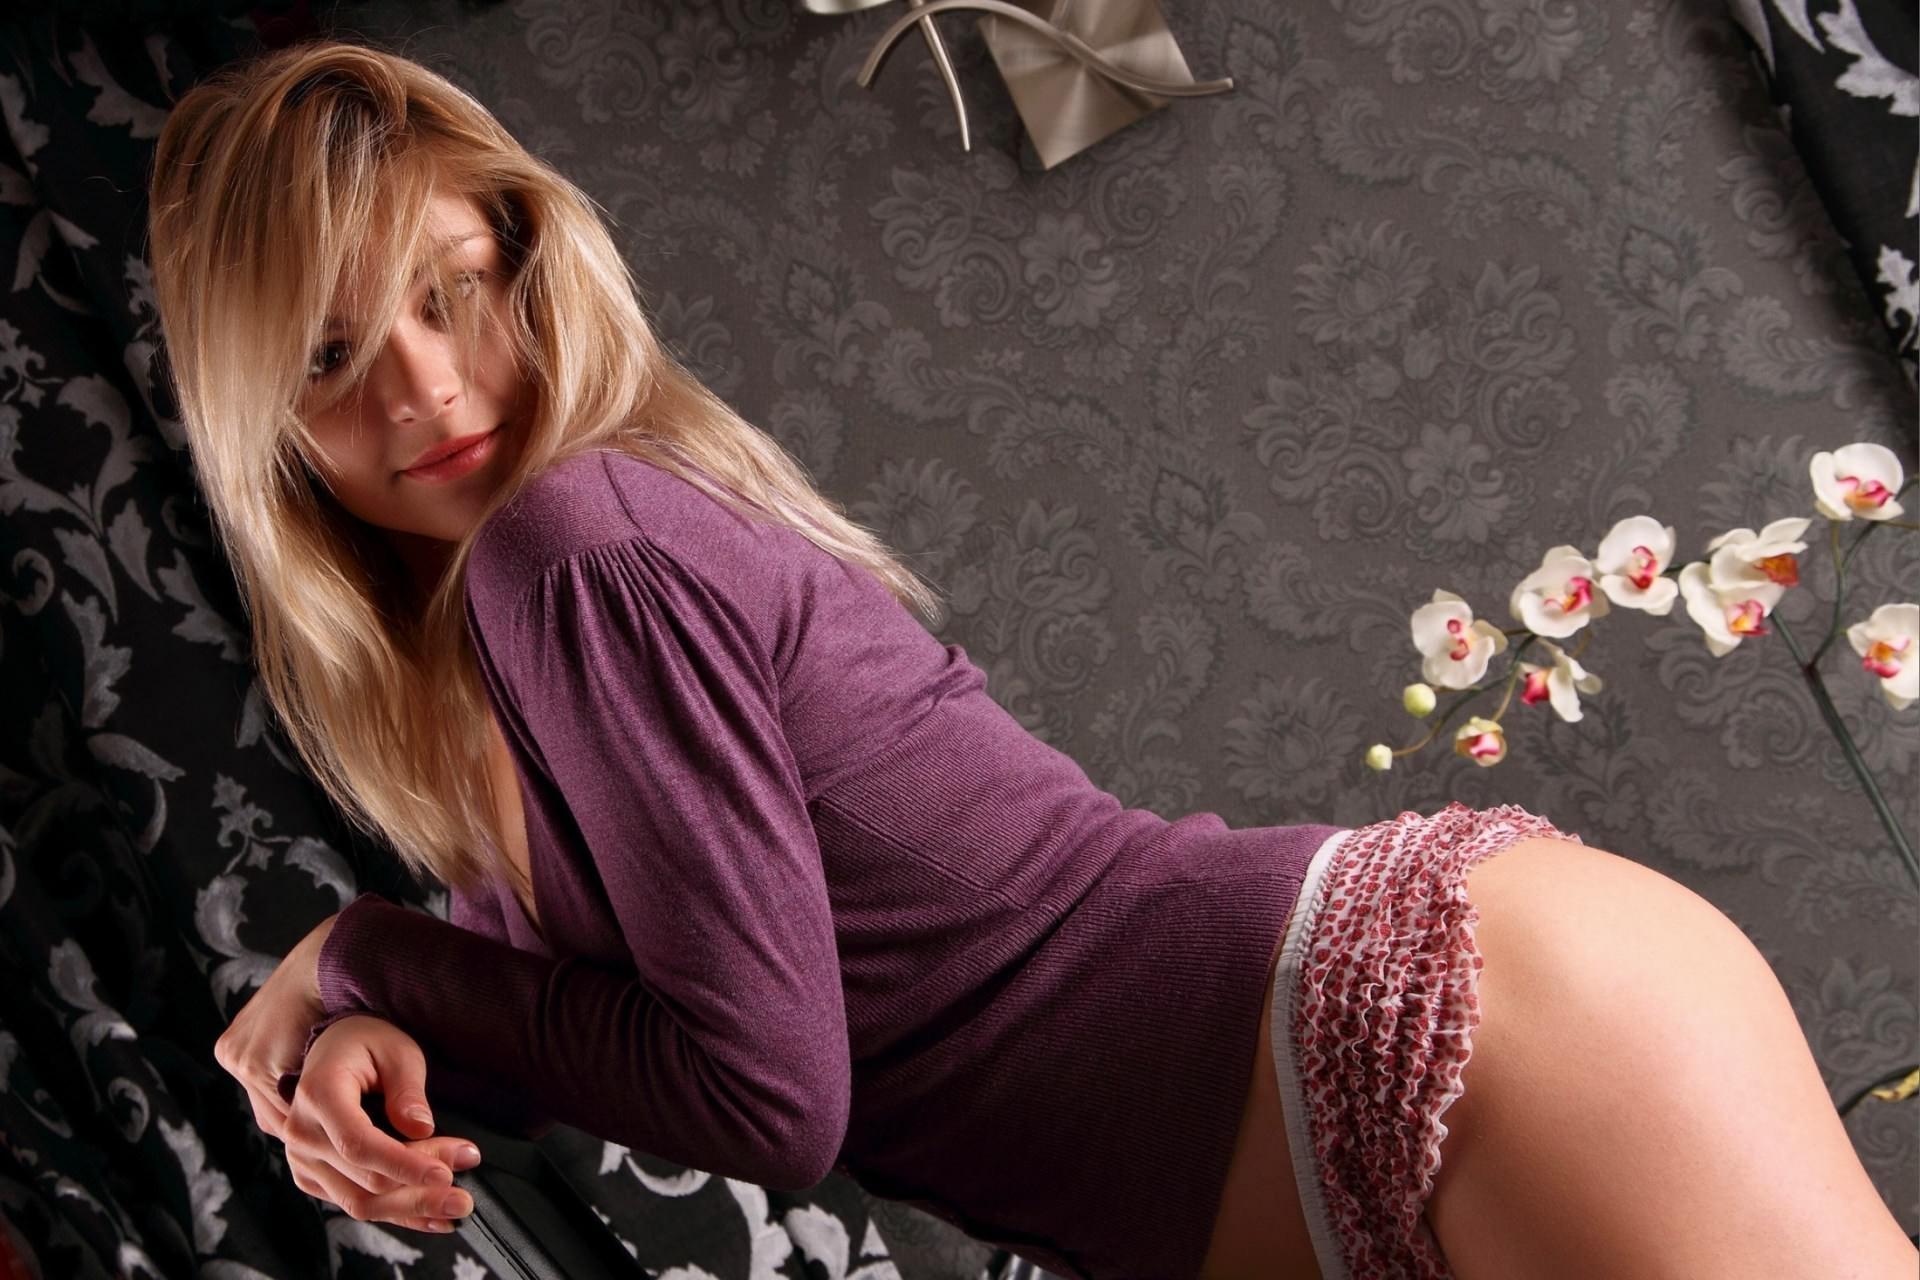 Дама в сиреневой кофточке поиграла в кресле порно фото бесплатно